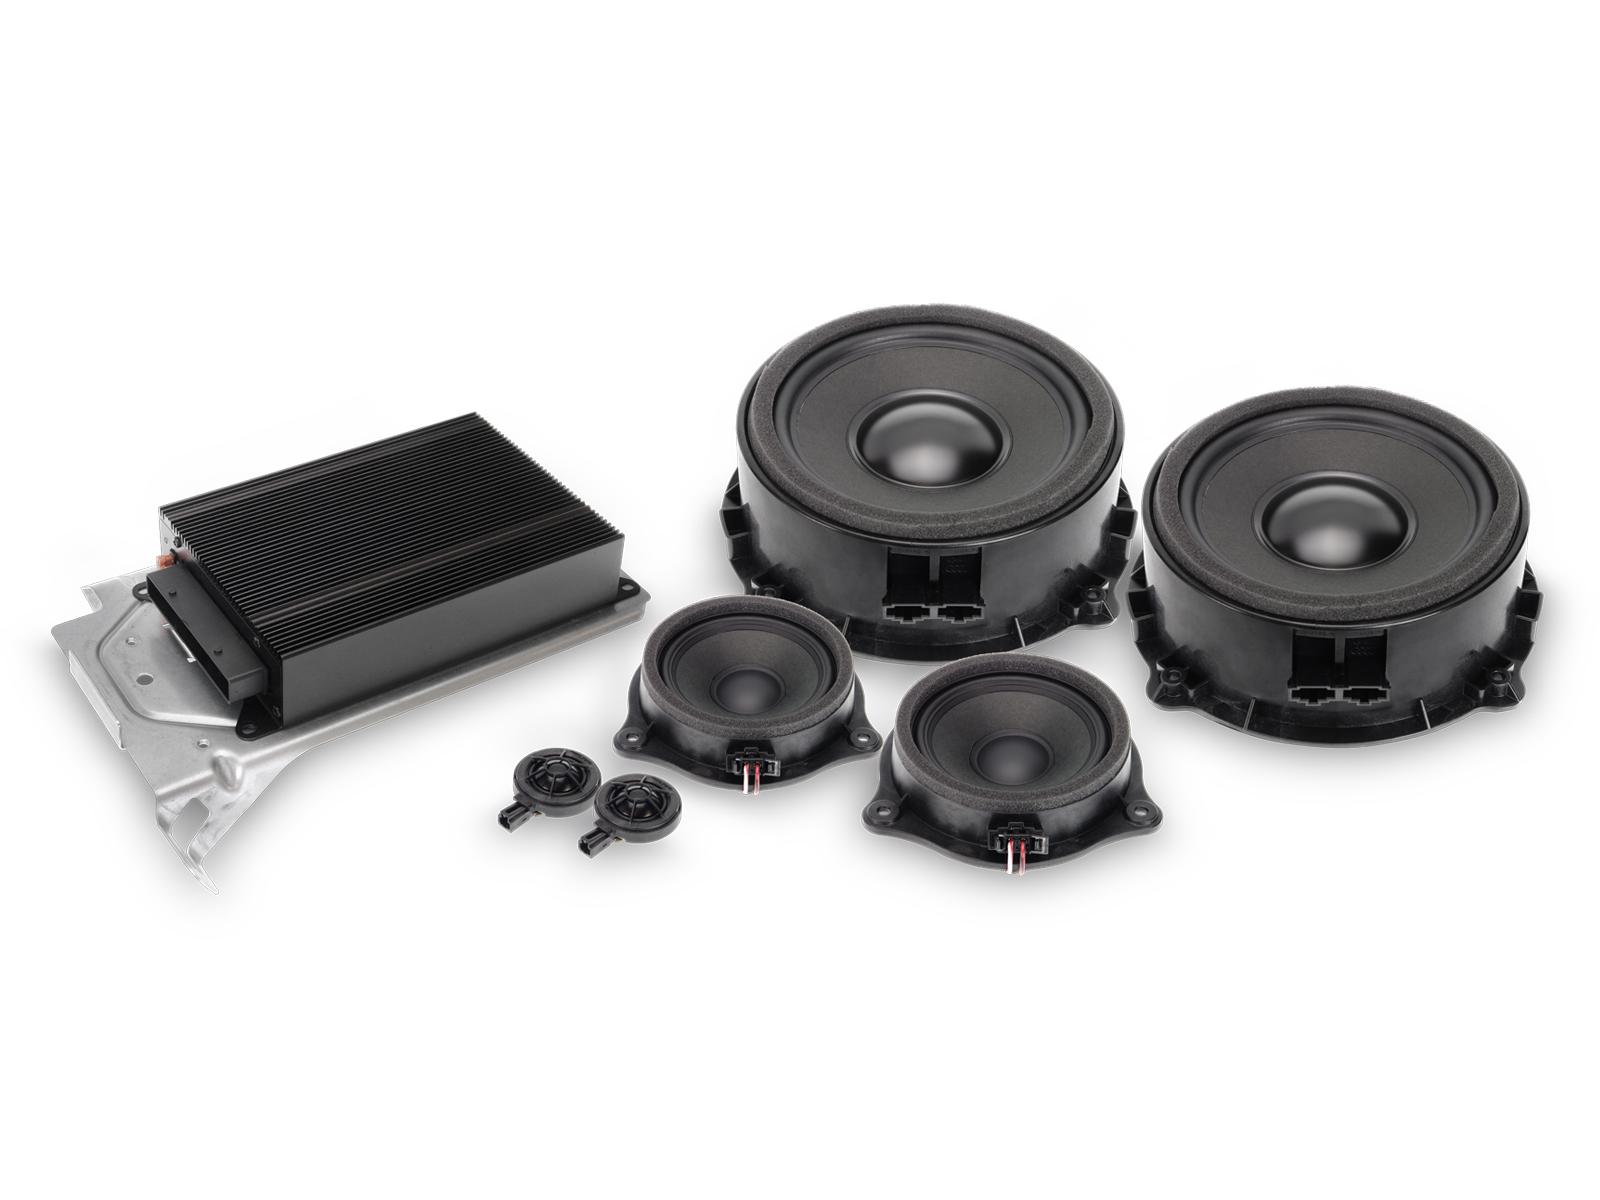 Premium Alpine Sound System for Audi TT - Alpine - SPC-400TT